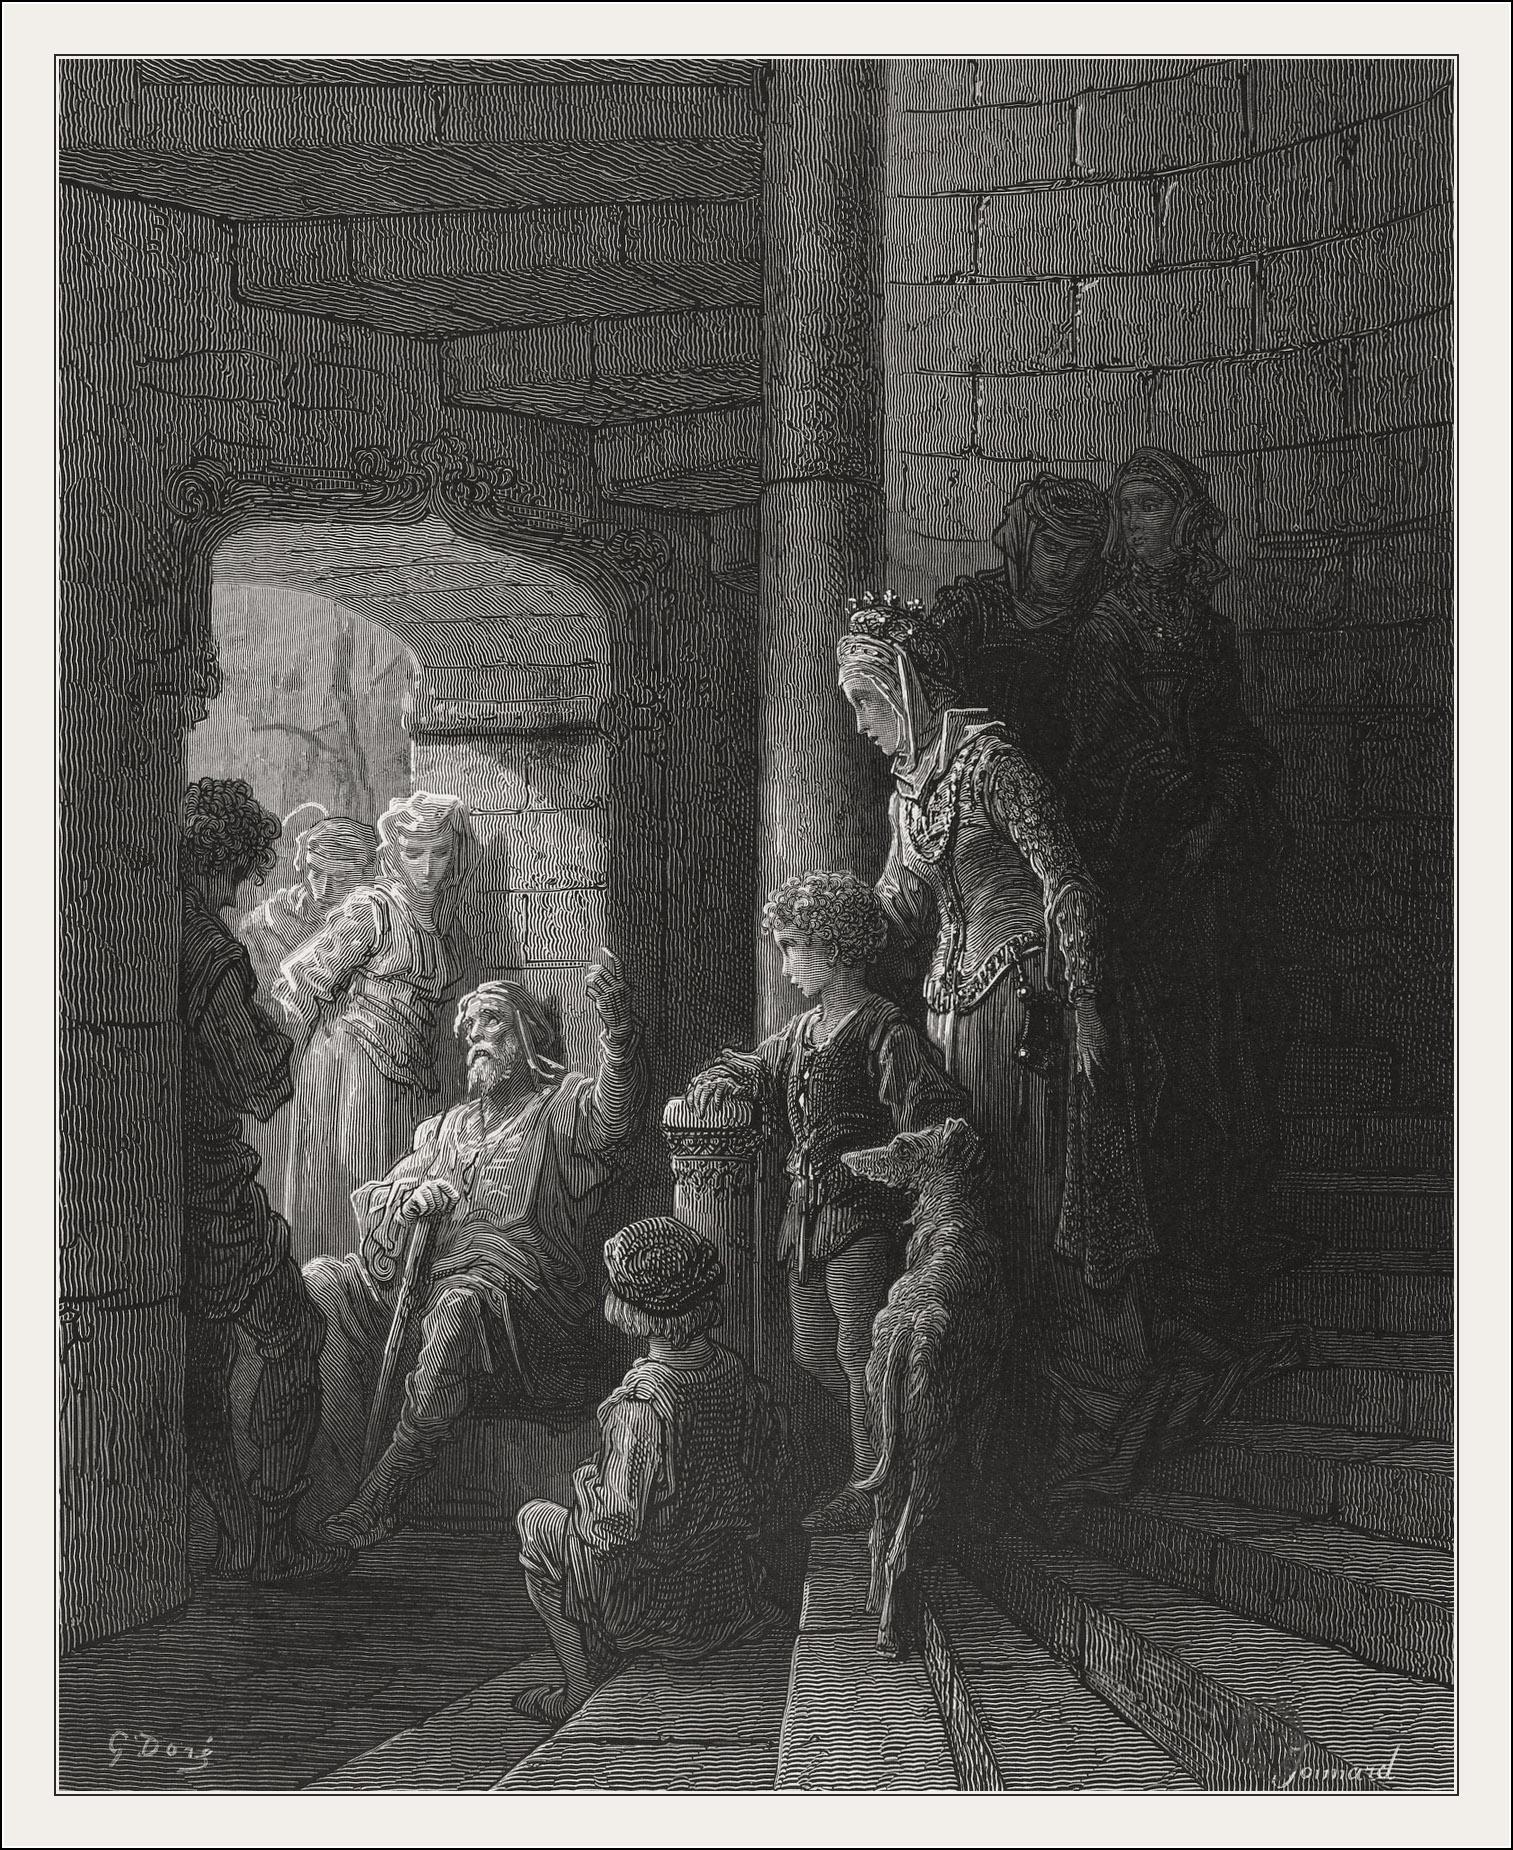 Gustave Doré, Histoire des croisades